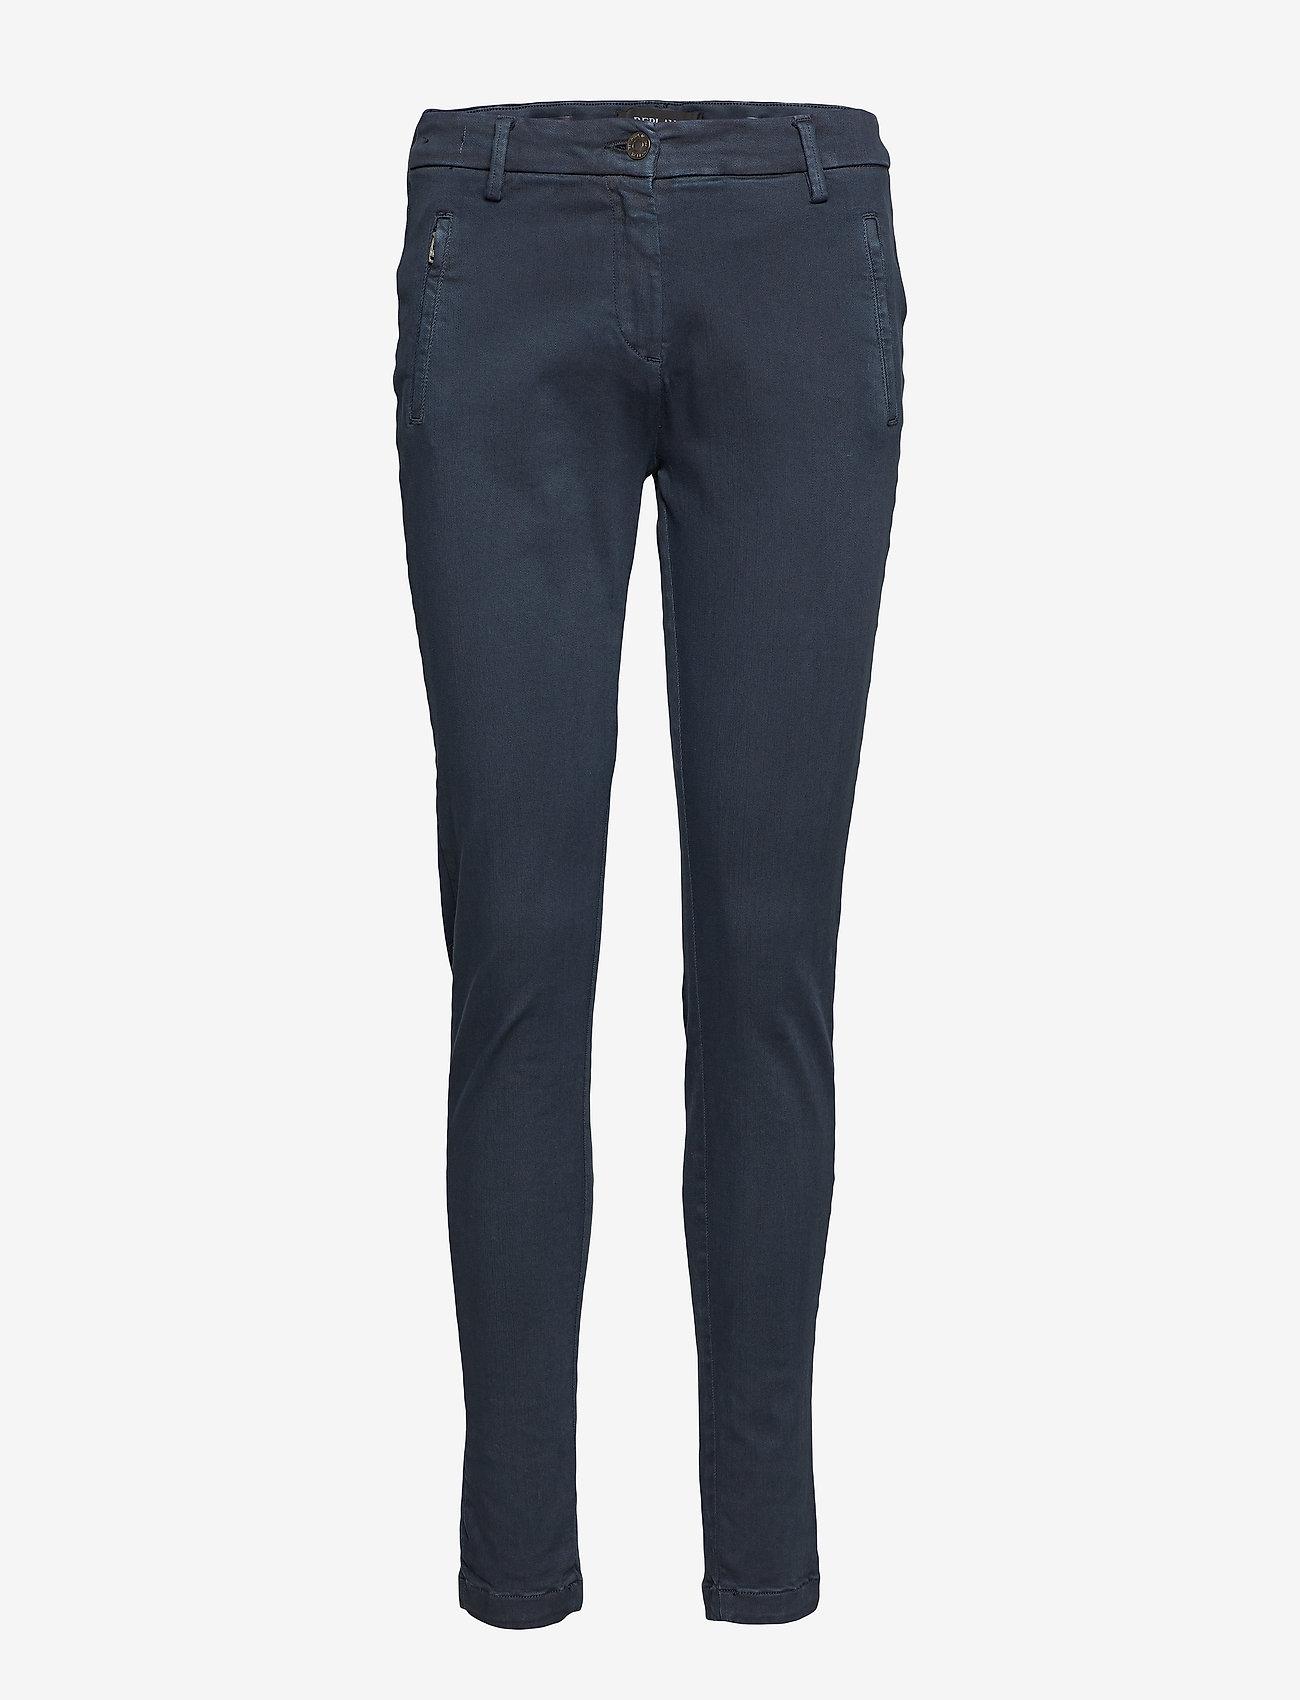 Replay - KARYNA Hyperflex™ - straight jeans - blue